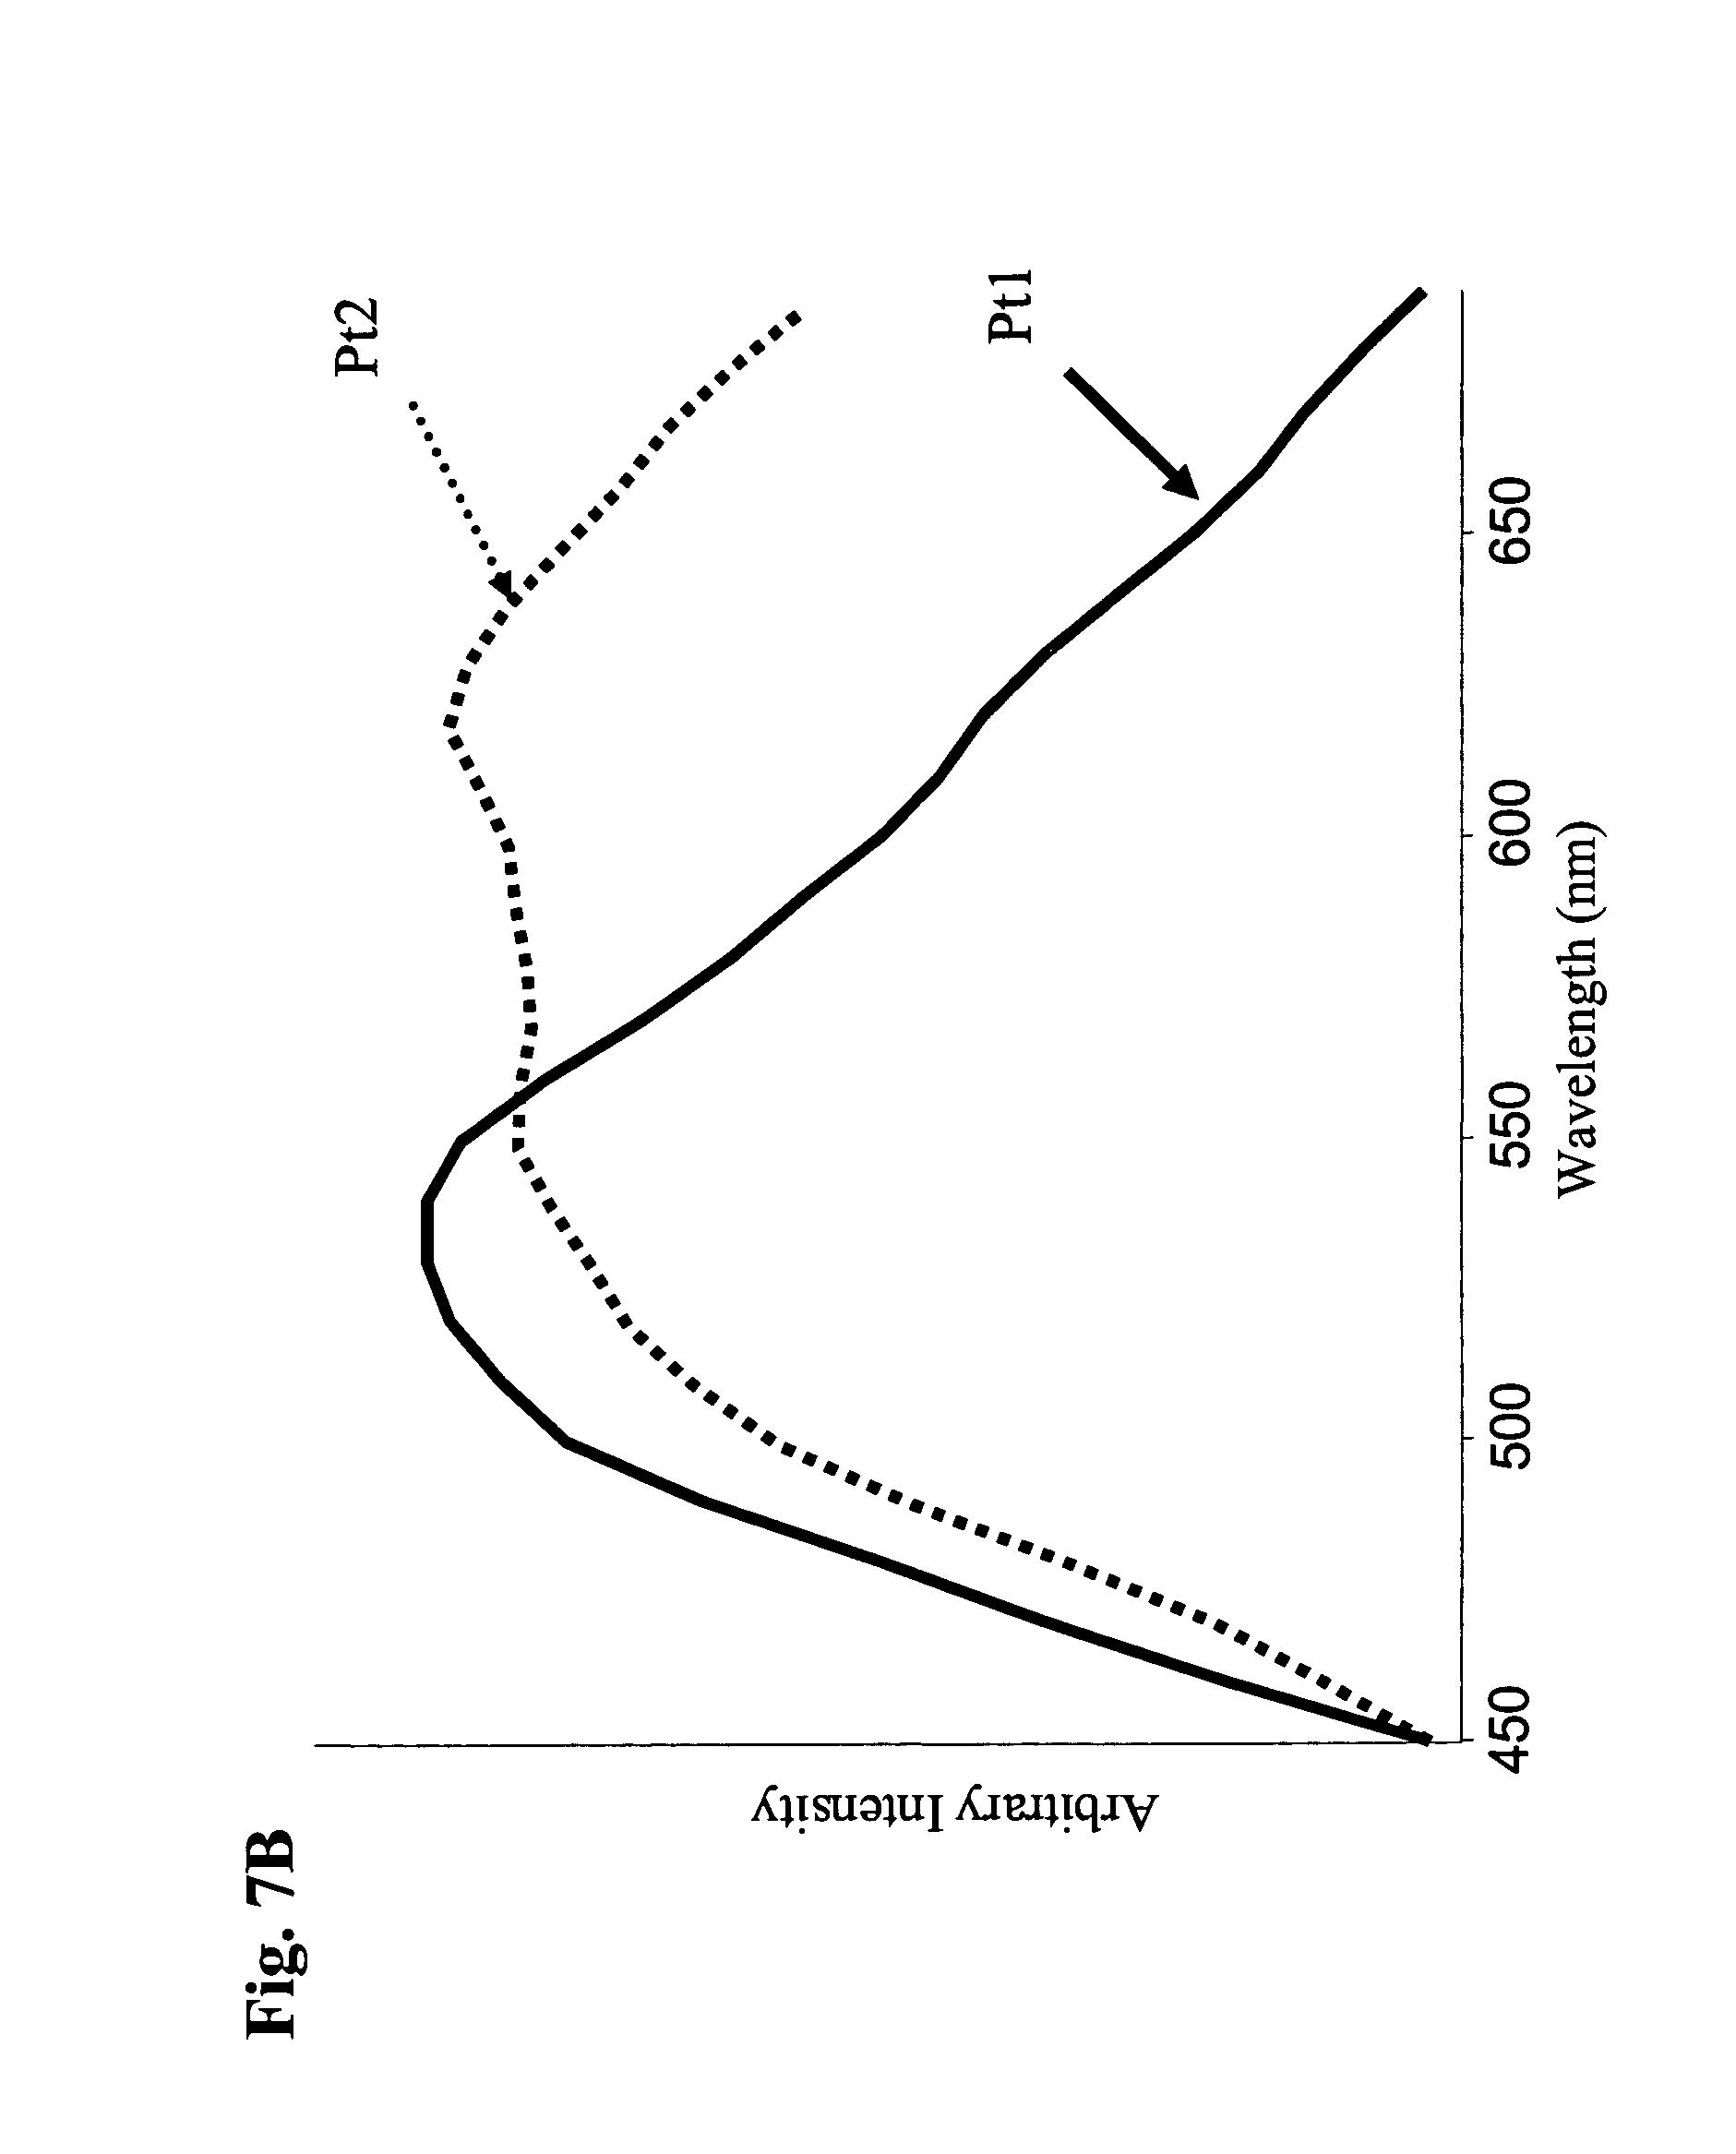 patent application non-publication request